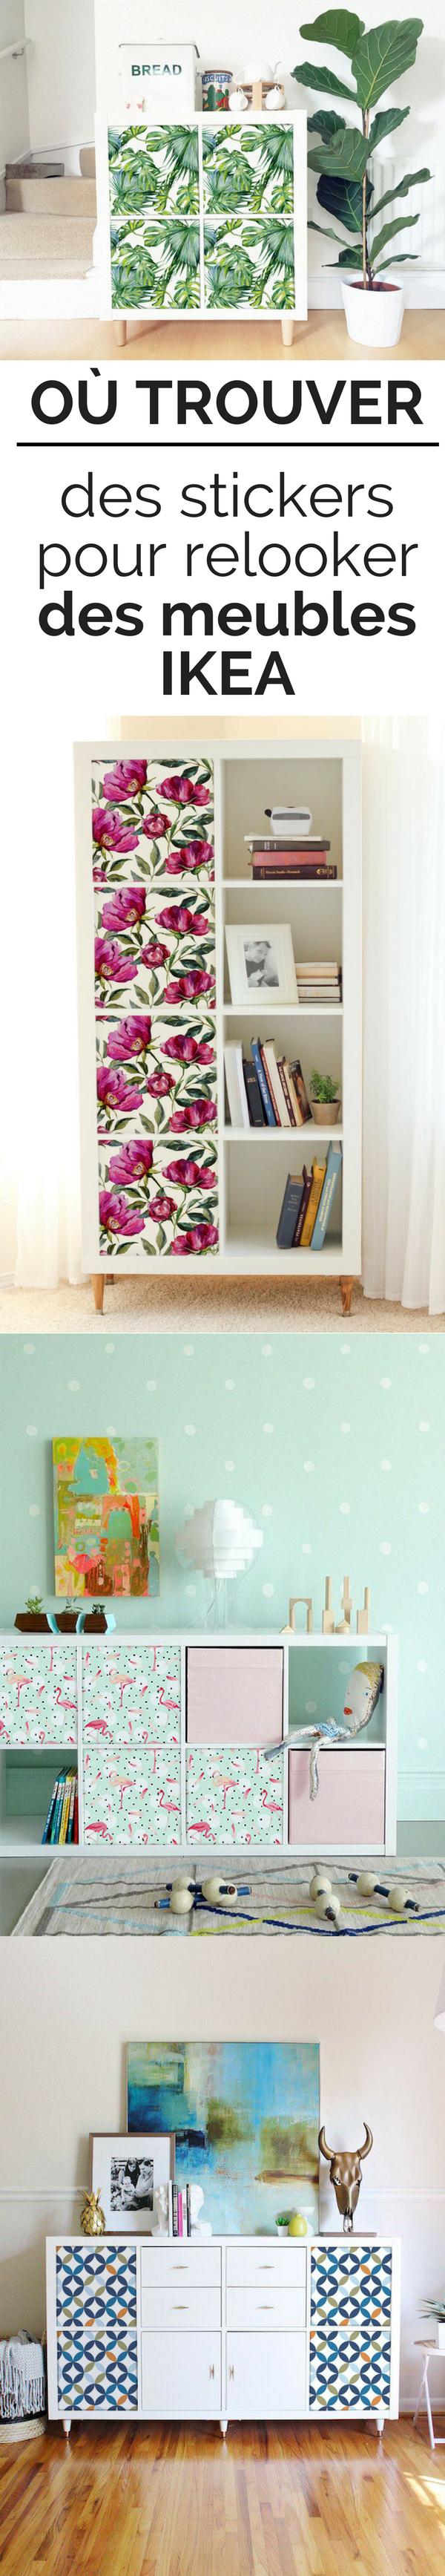 o trouver des stickers et autocollants pour relooker des meubles ikea diy astuces d co. Black Bedroom Furniture Sets. Home Design Ideas